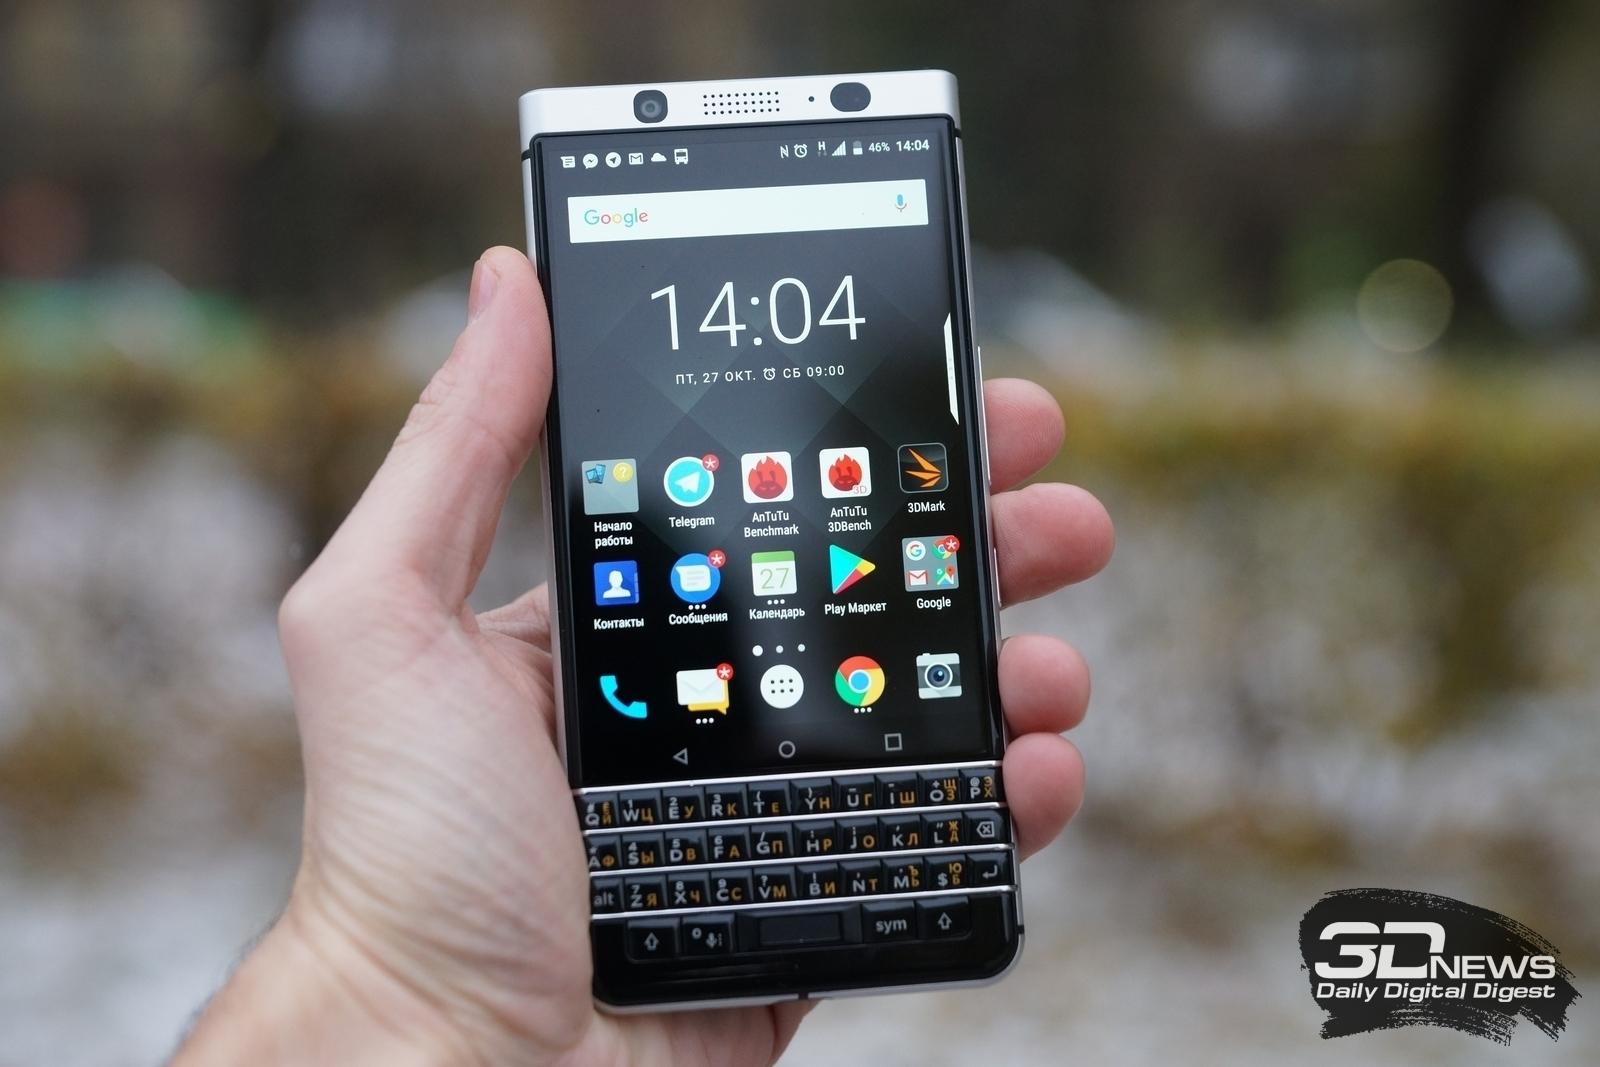 rubrica da iphone a blackberry